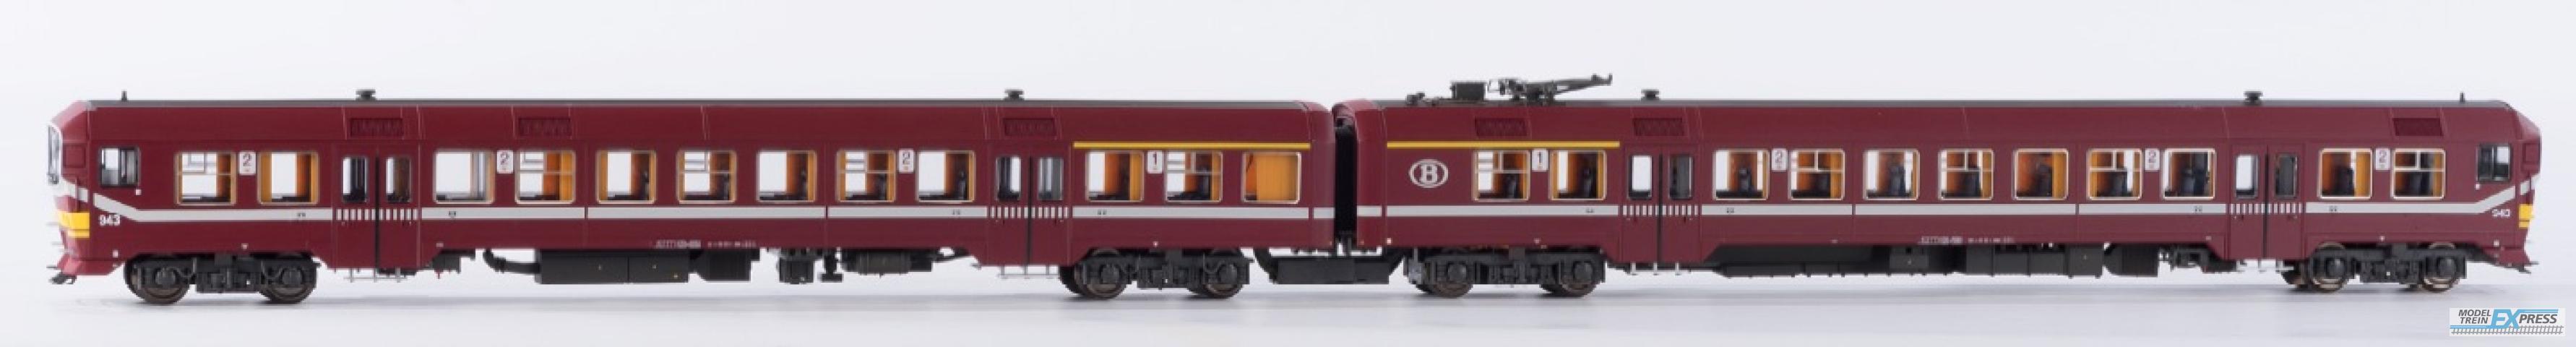 B-Models 4003.06